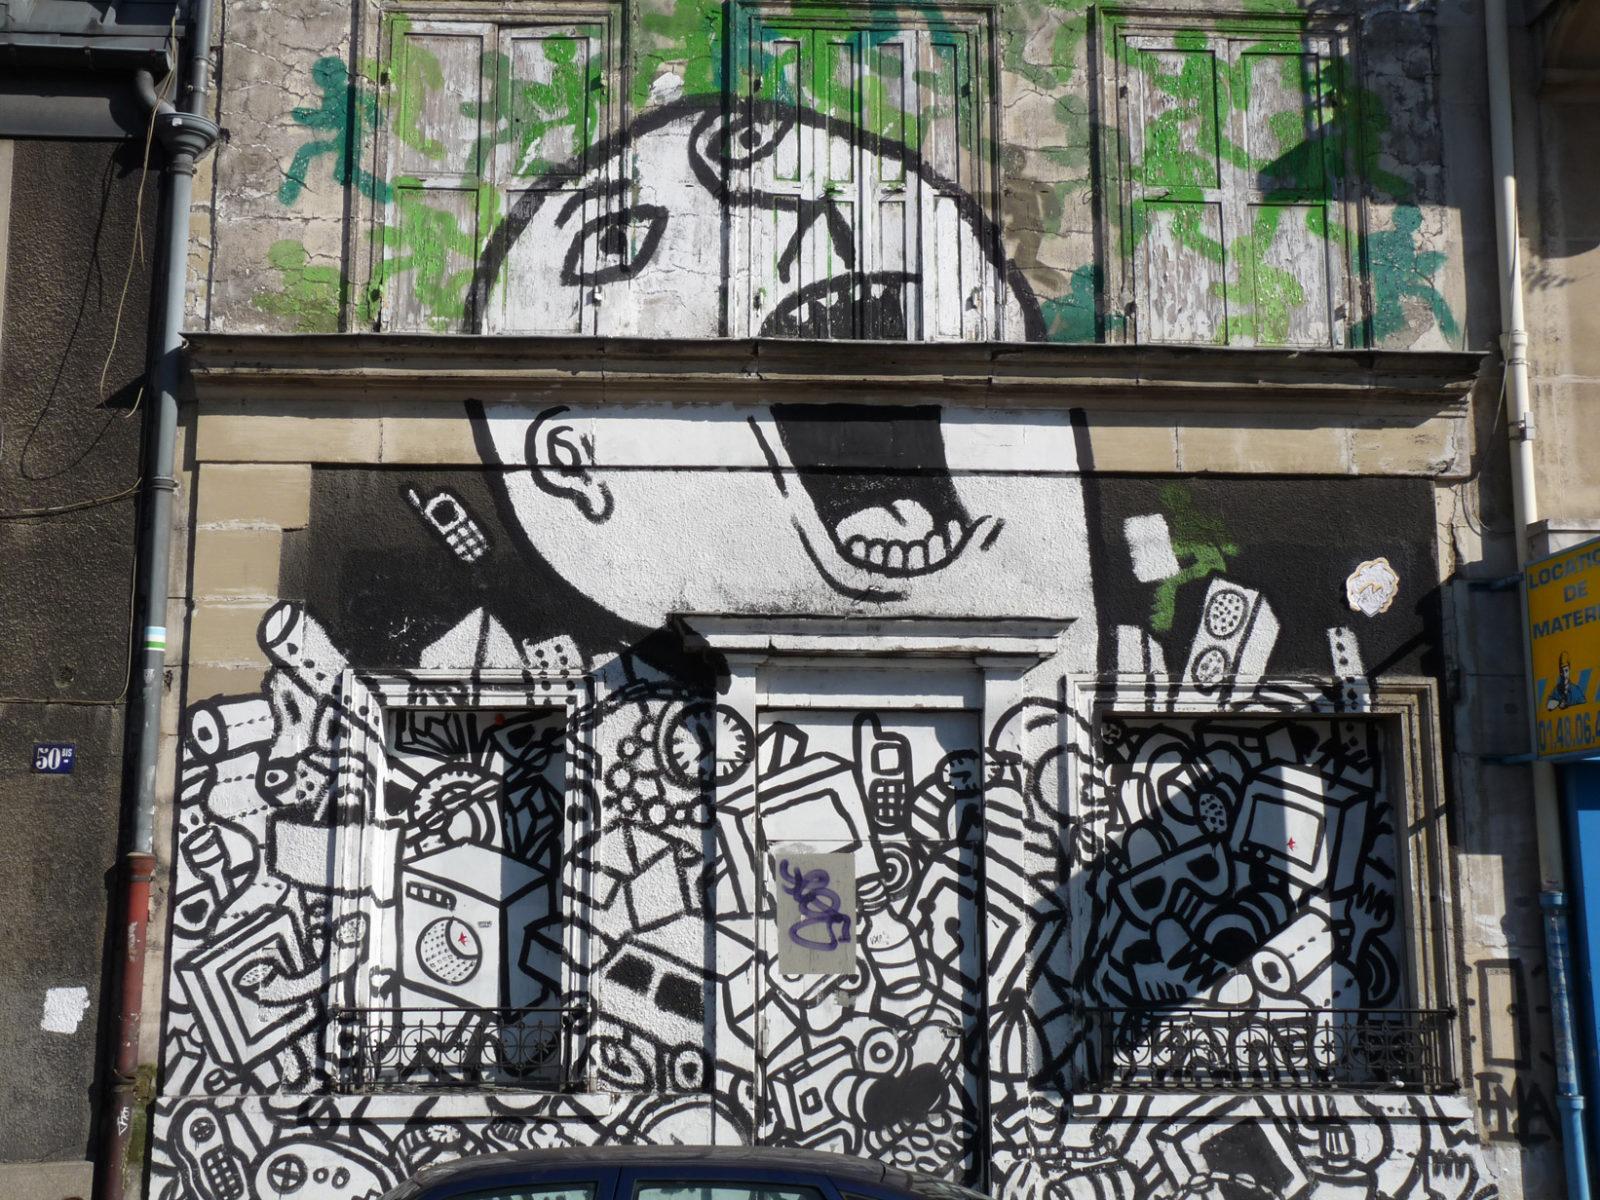 zooproject hommage bilalberreni streetart ulule radar murale marseille graffiti etienne lebled - Coup de pouce RADAR x Ulule : Hommage à Zoo project